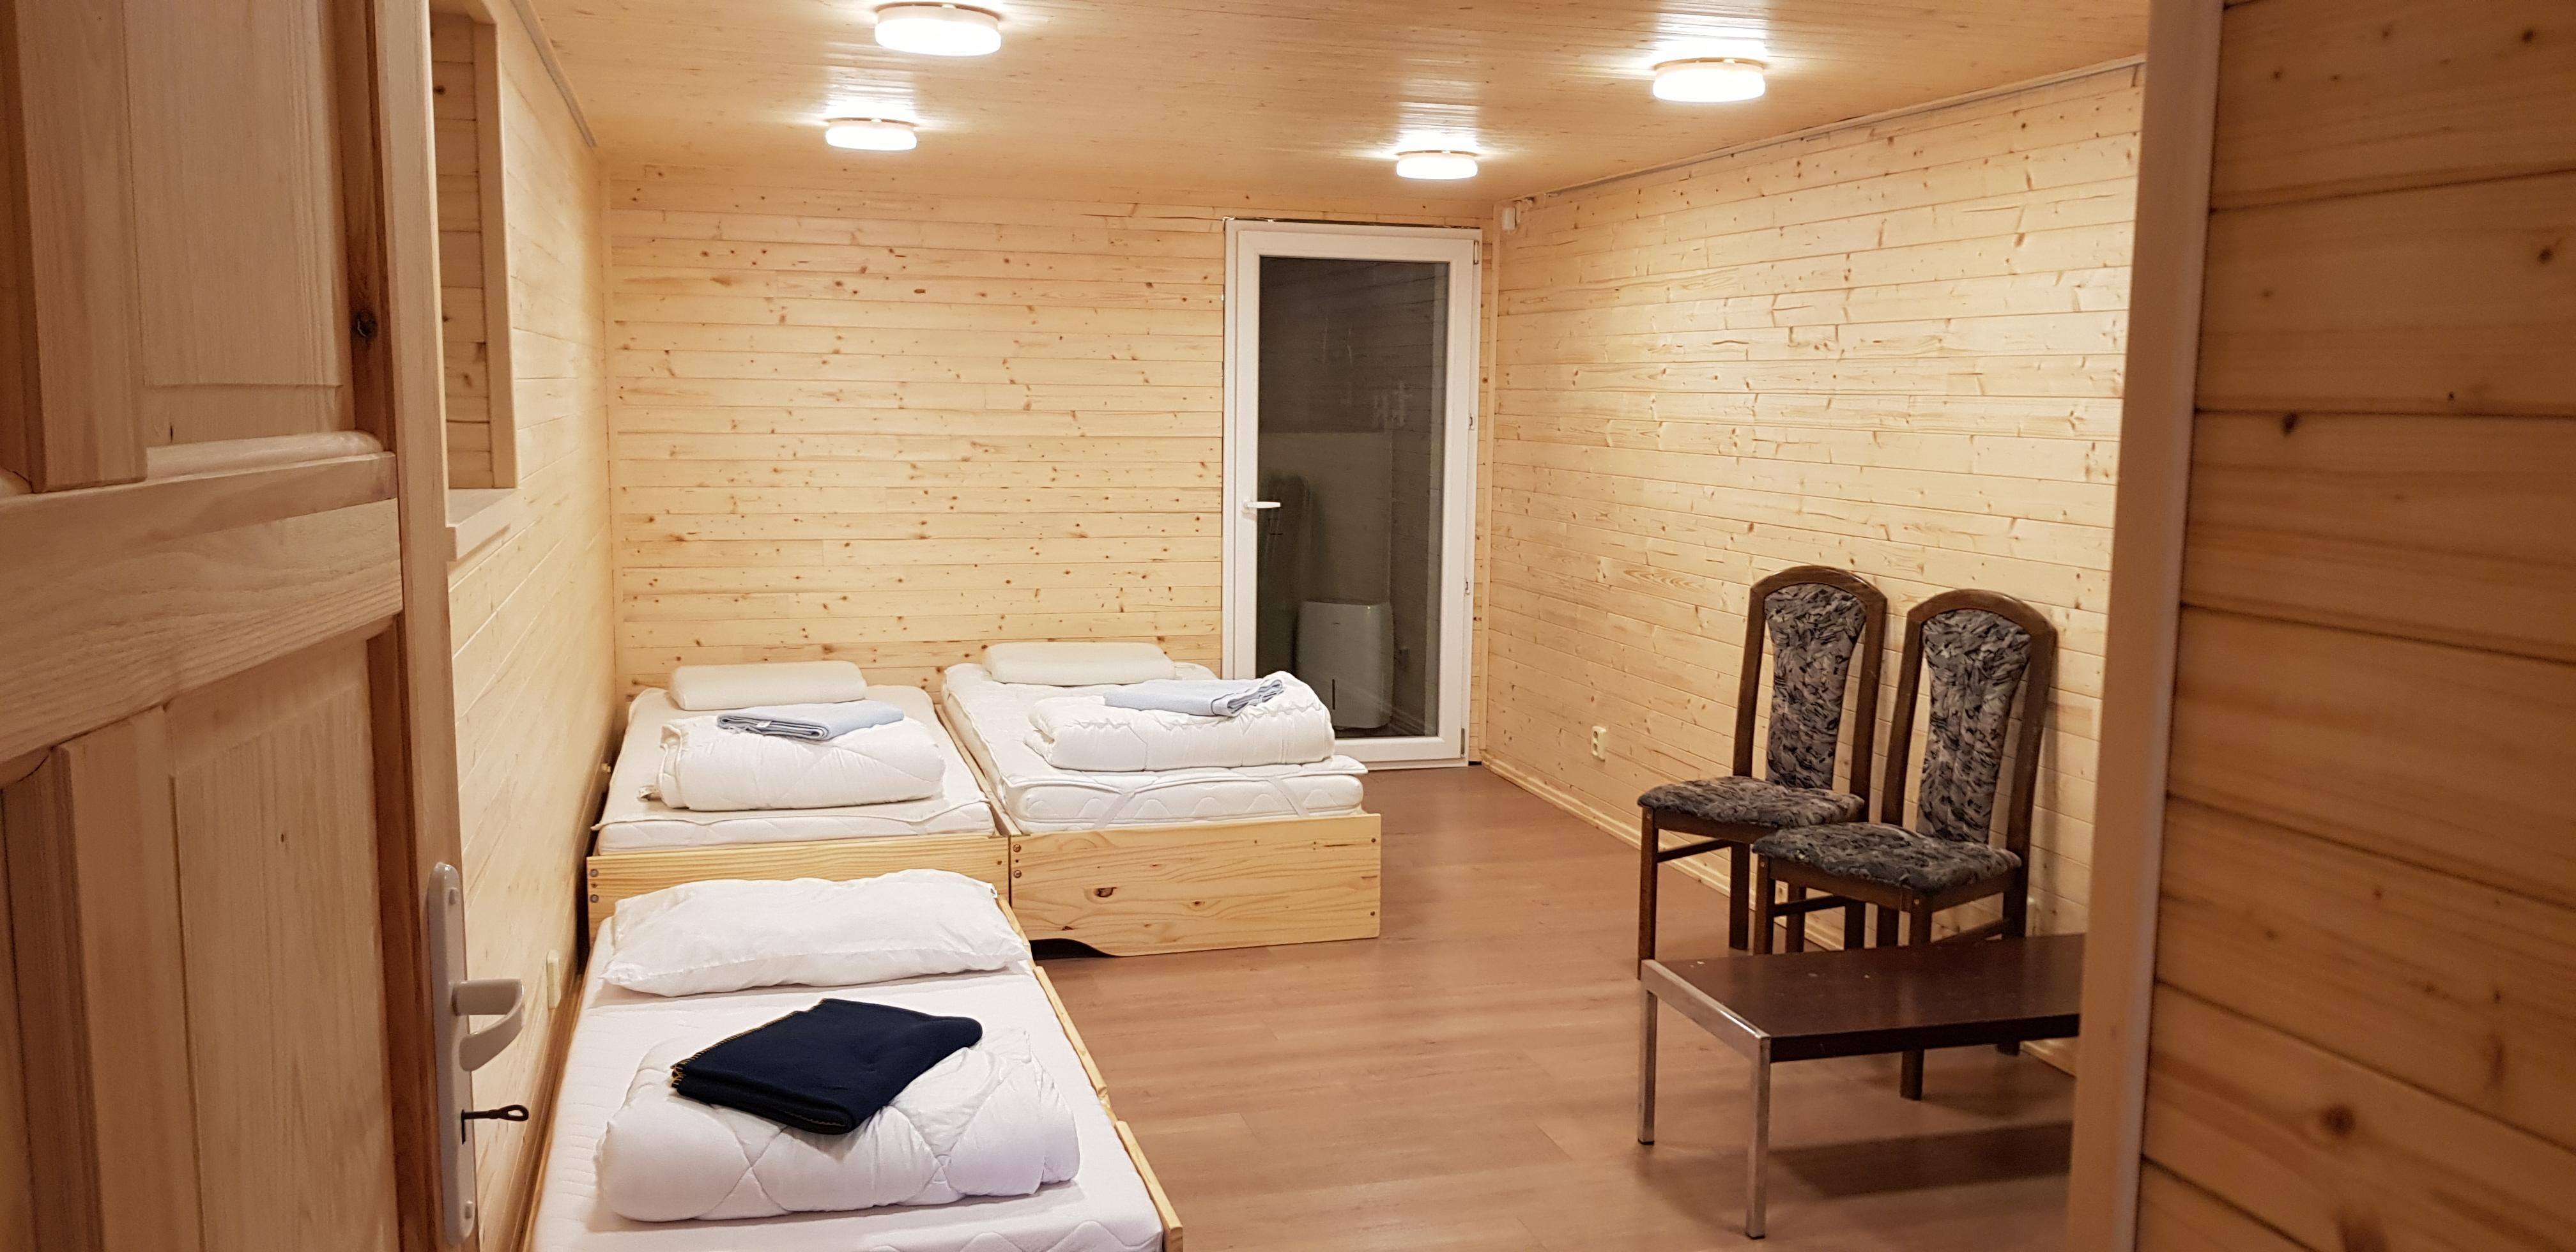 multifunkční místnost u sauny, zde jako